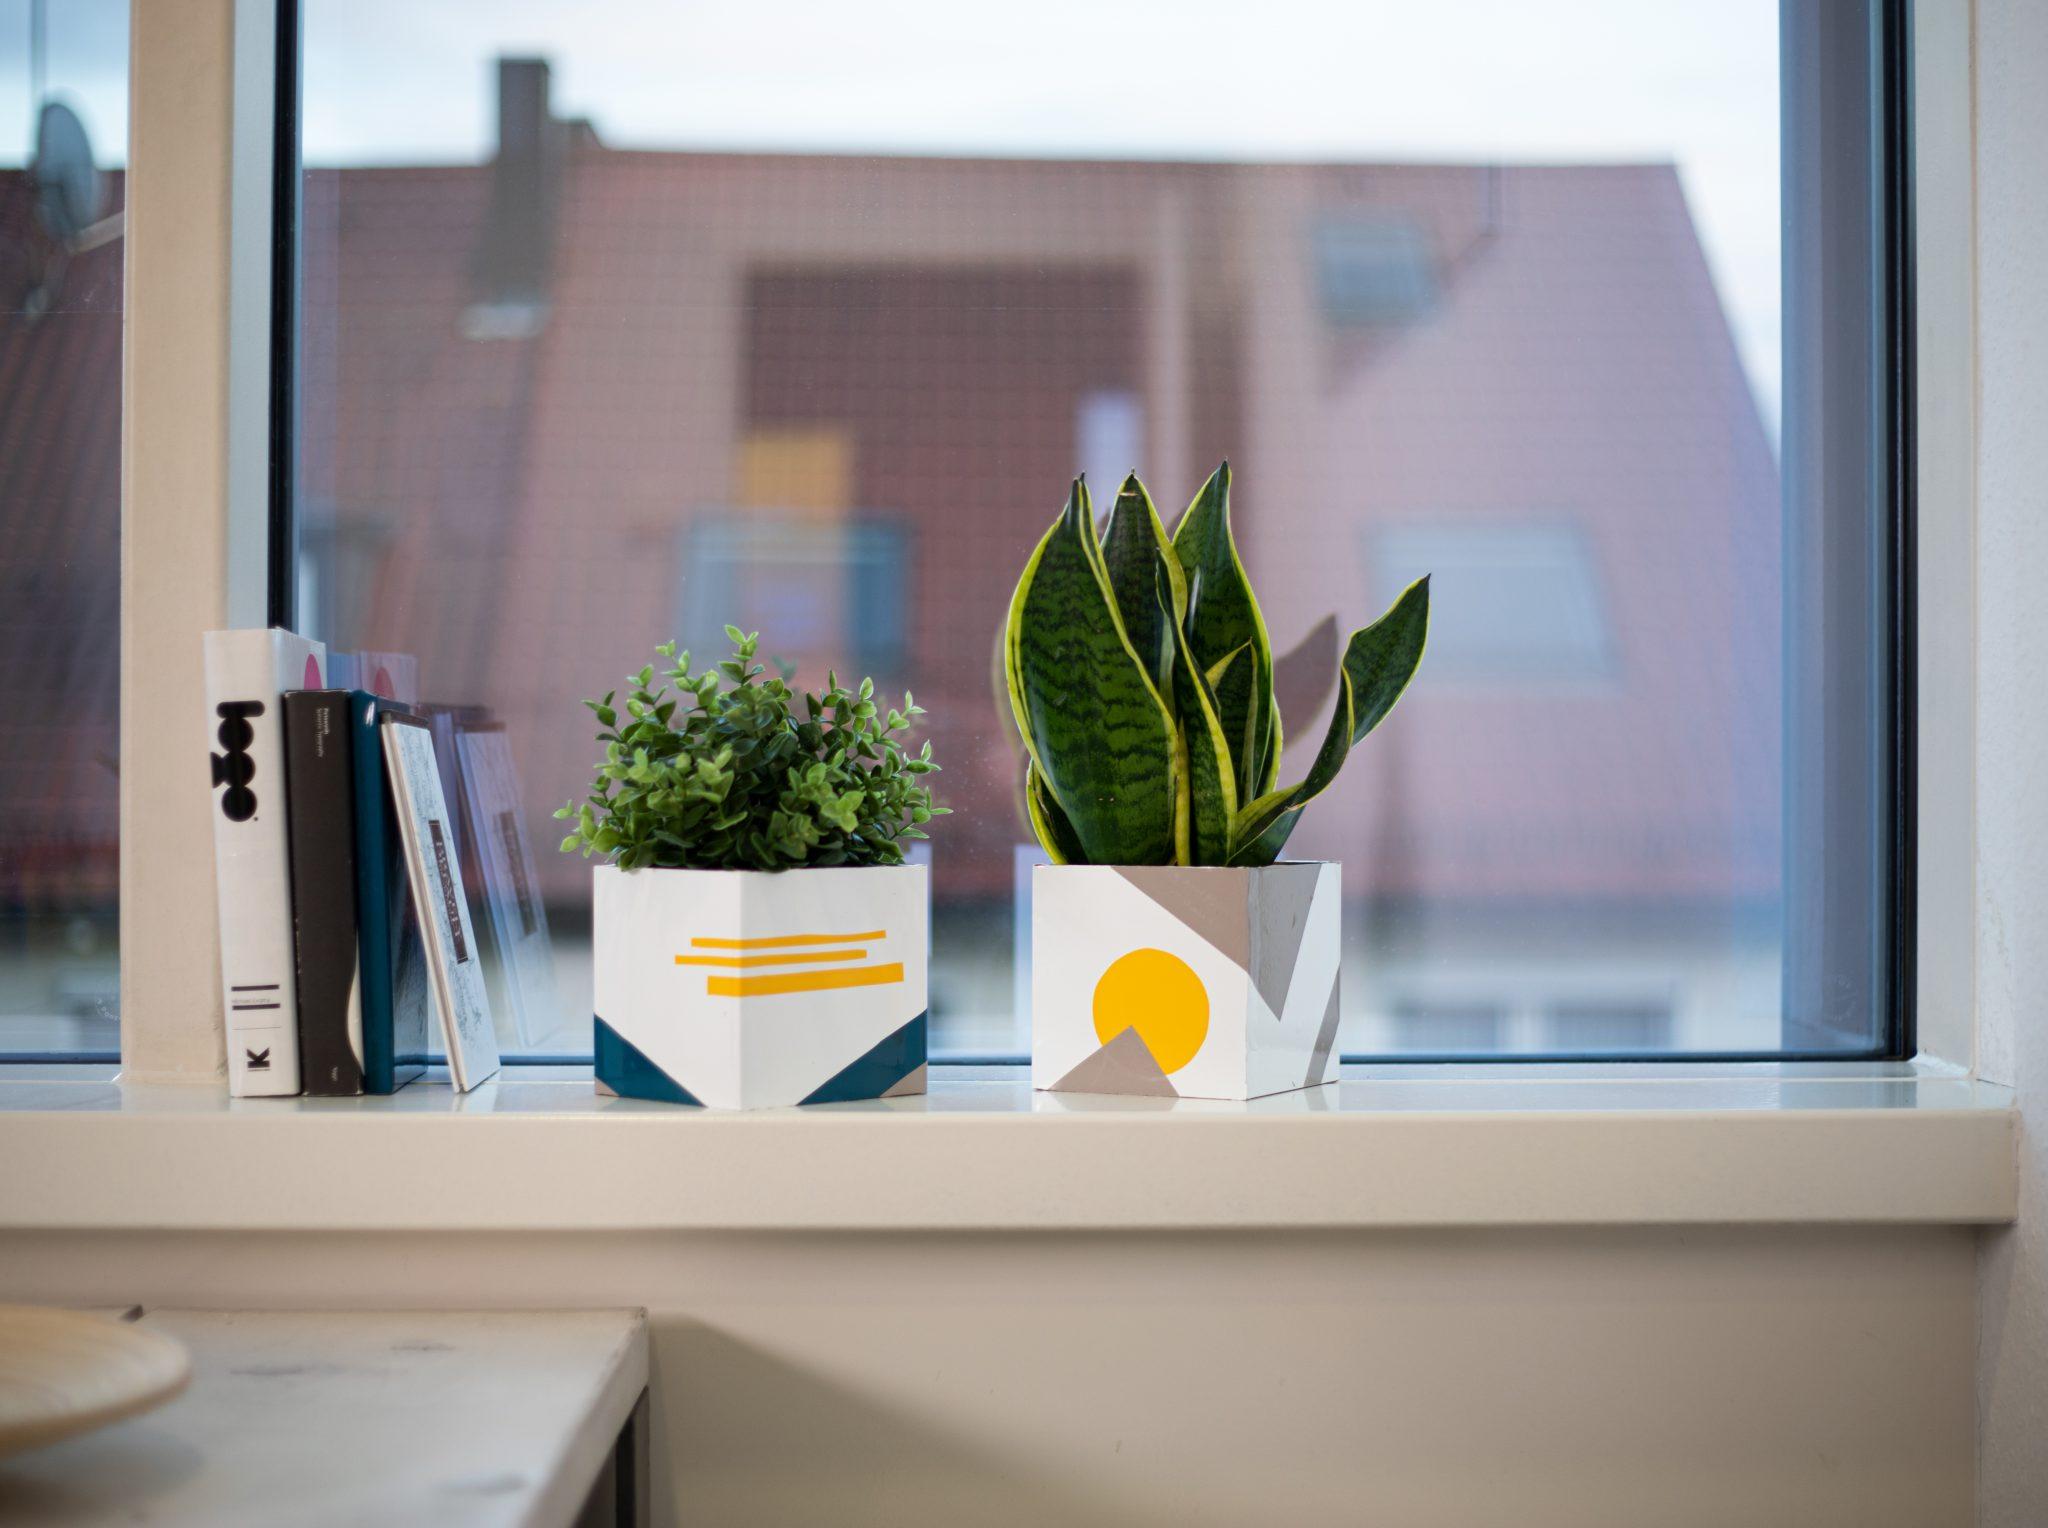 Full Size of D C Home Ideas Inspiration Fenster Marken Weru Gardinen Konfigurieren Velux Preise Landhaus Tapeten Für Küche Gebrauchte Kaufen Kunststoff Polnische Fenster Klebefolie Für Fenster